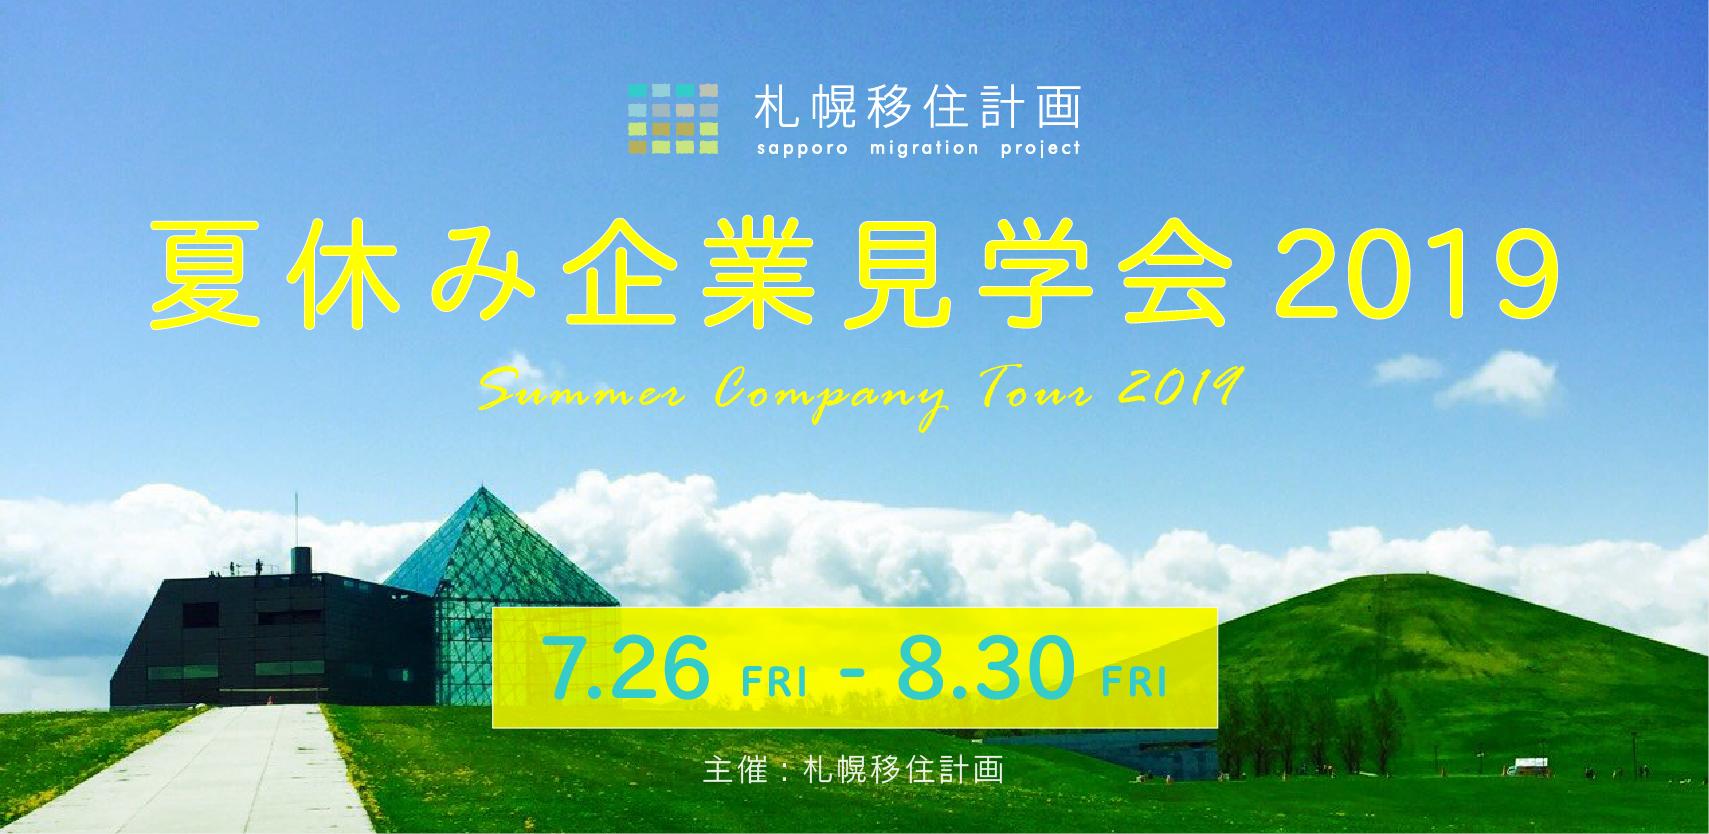 札幌移住計画 夏休み企業見学会 2019